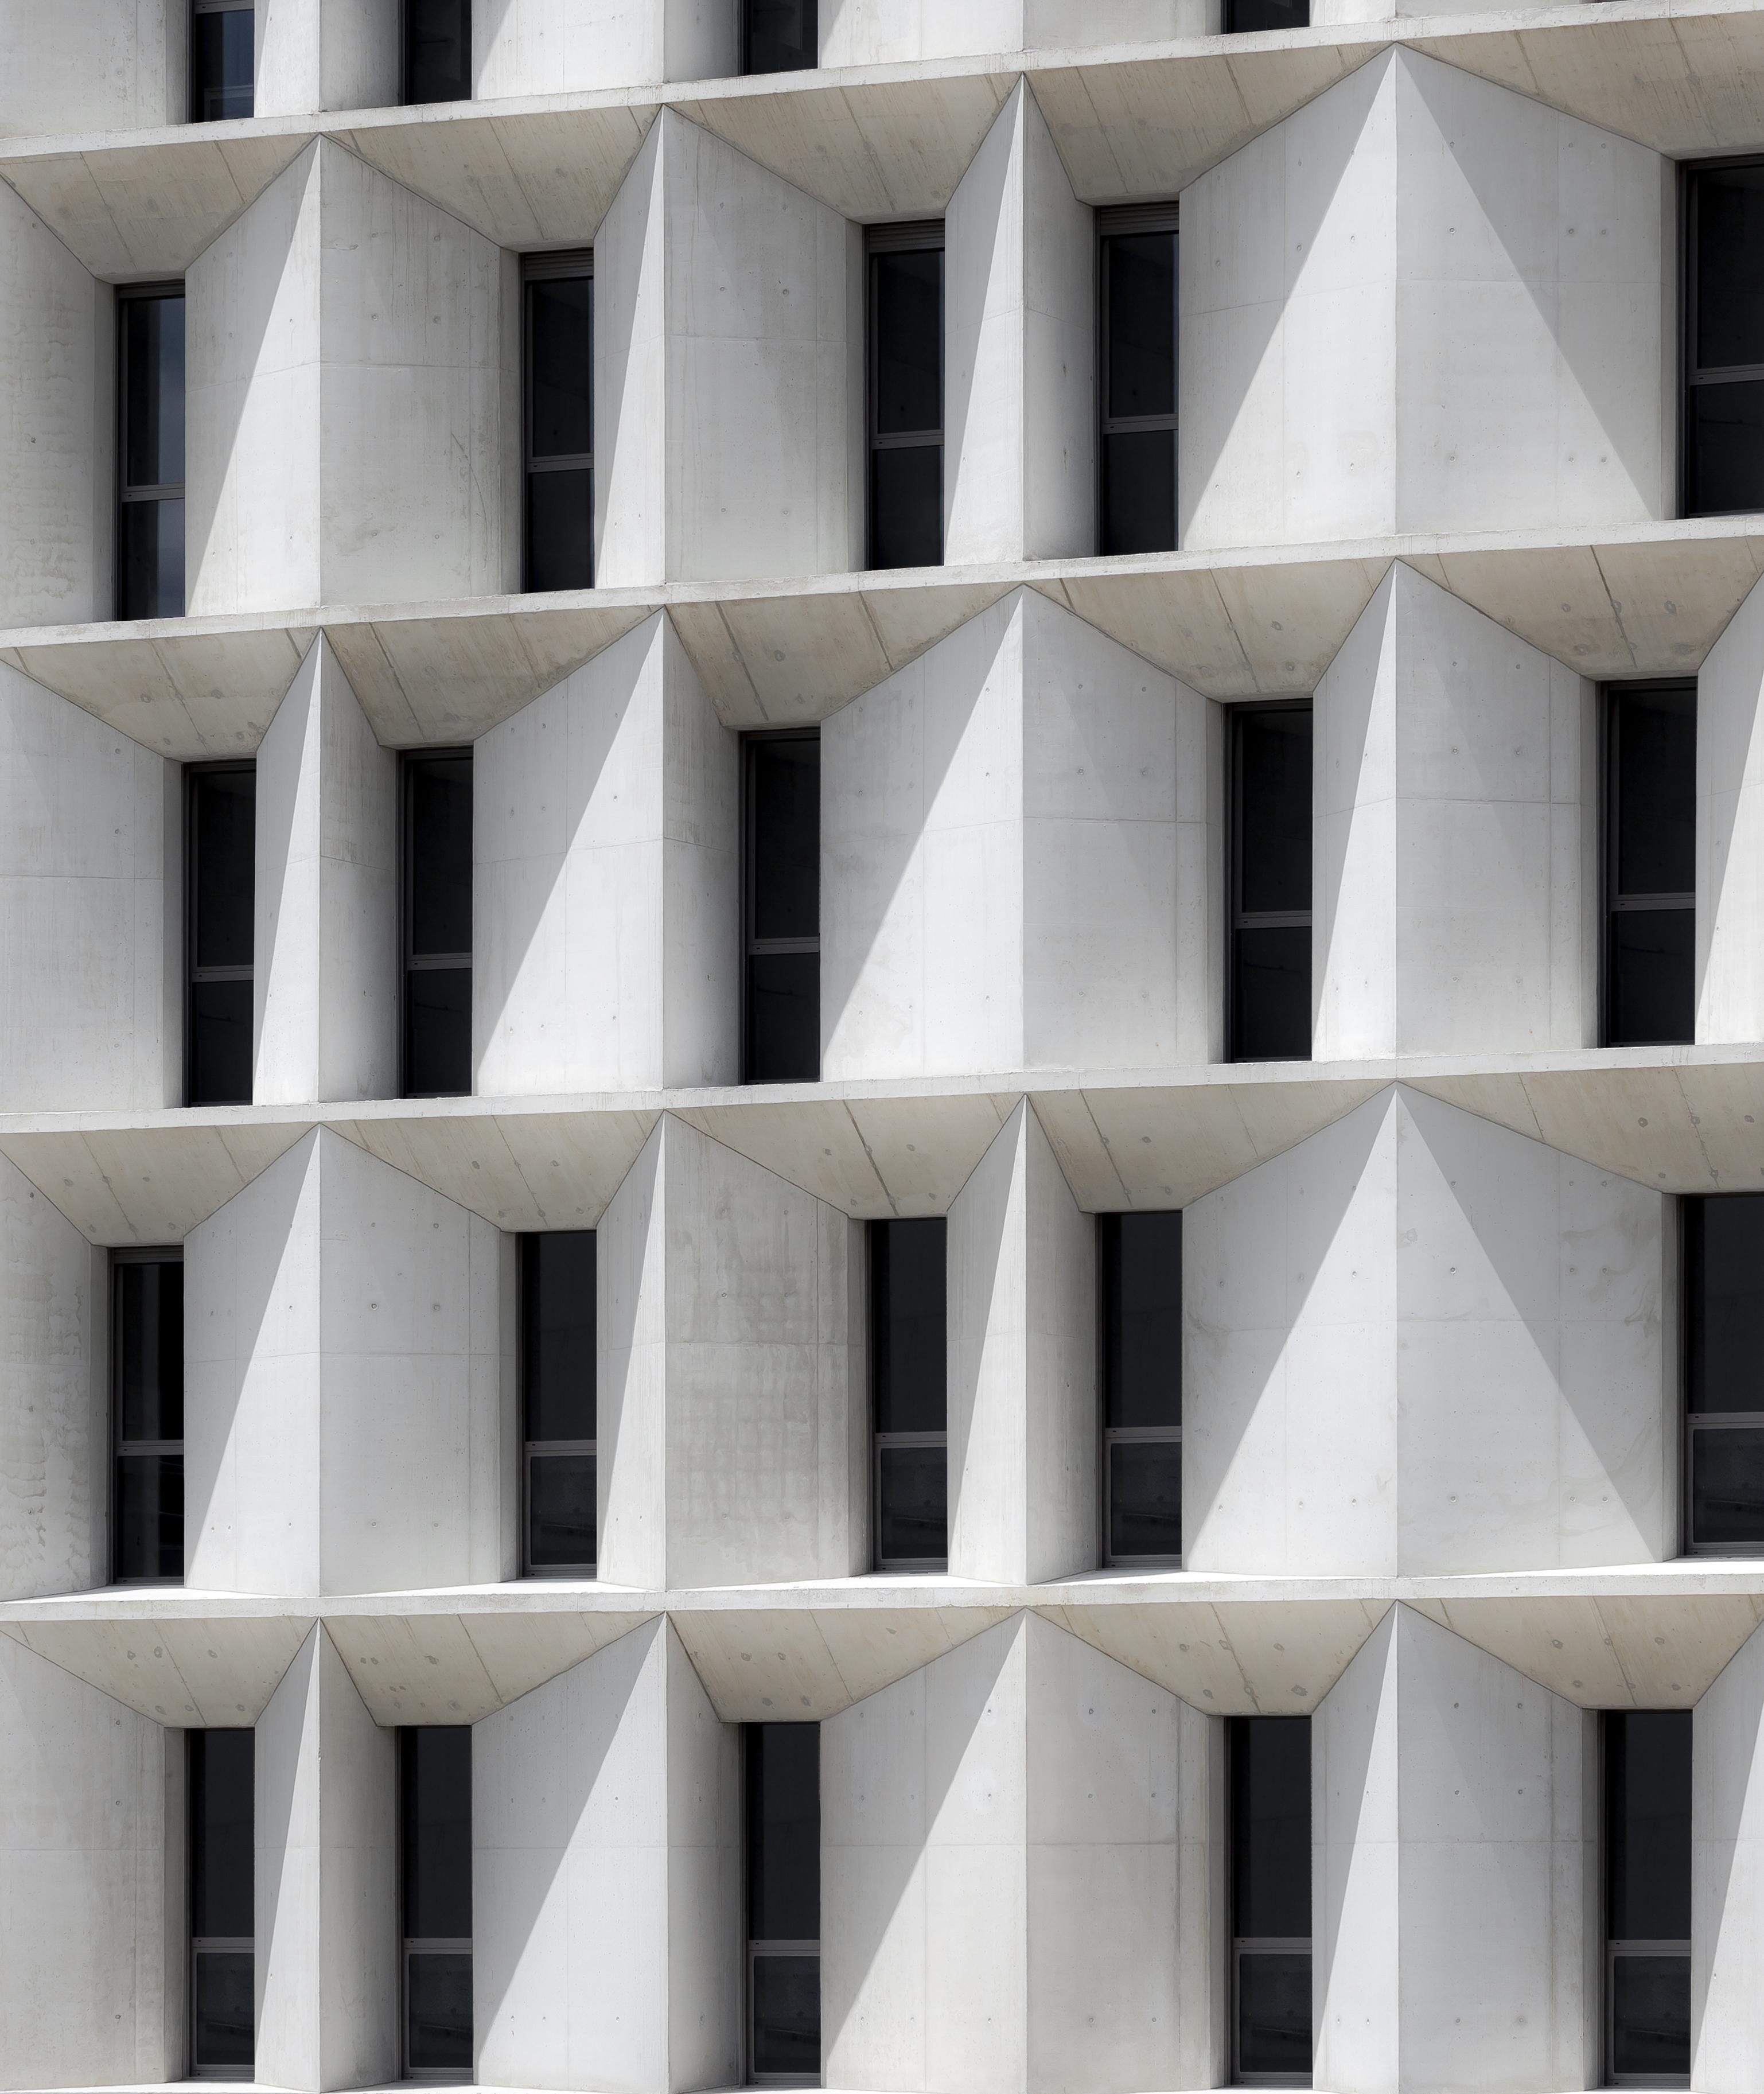 Otxotorena arquitectos nuevo edificio de econom a for Msc modern building design